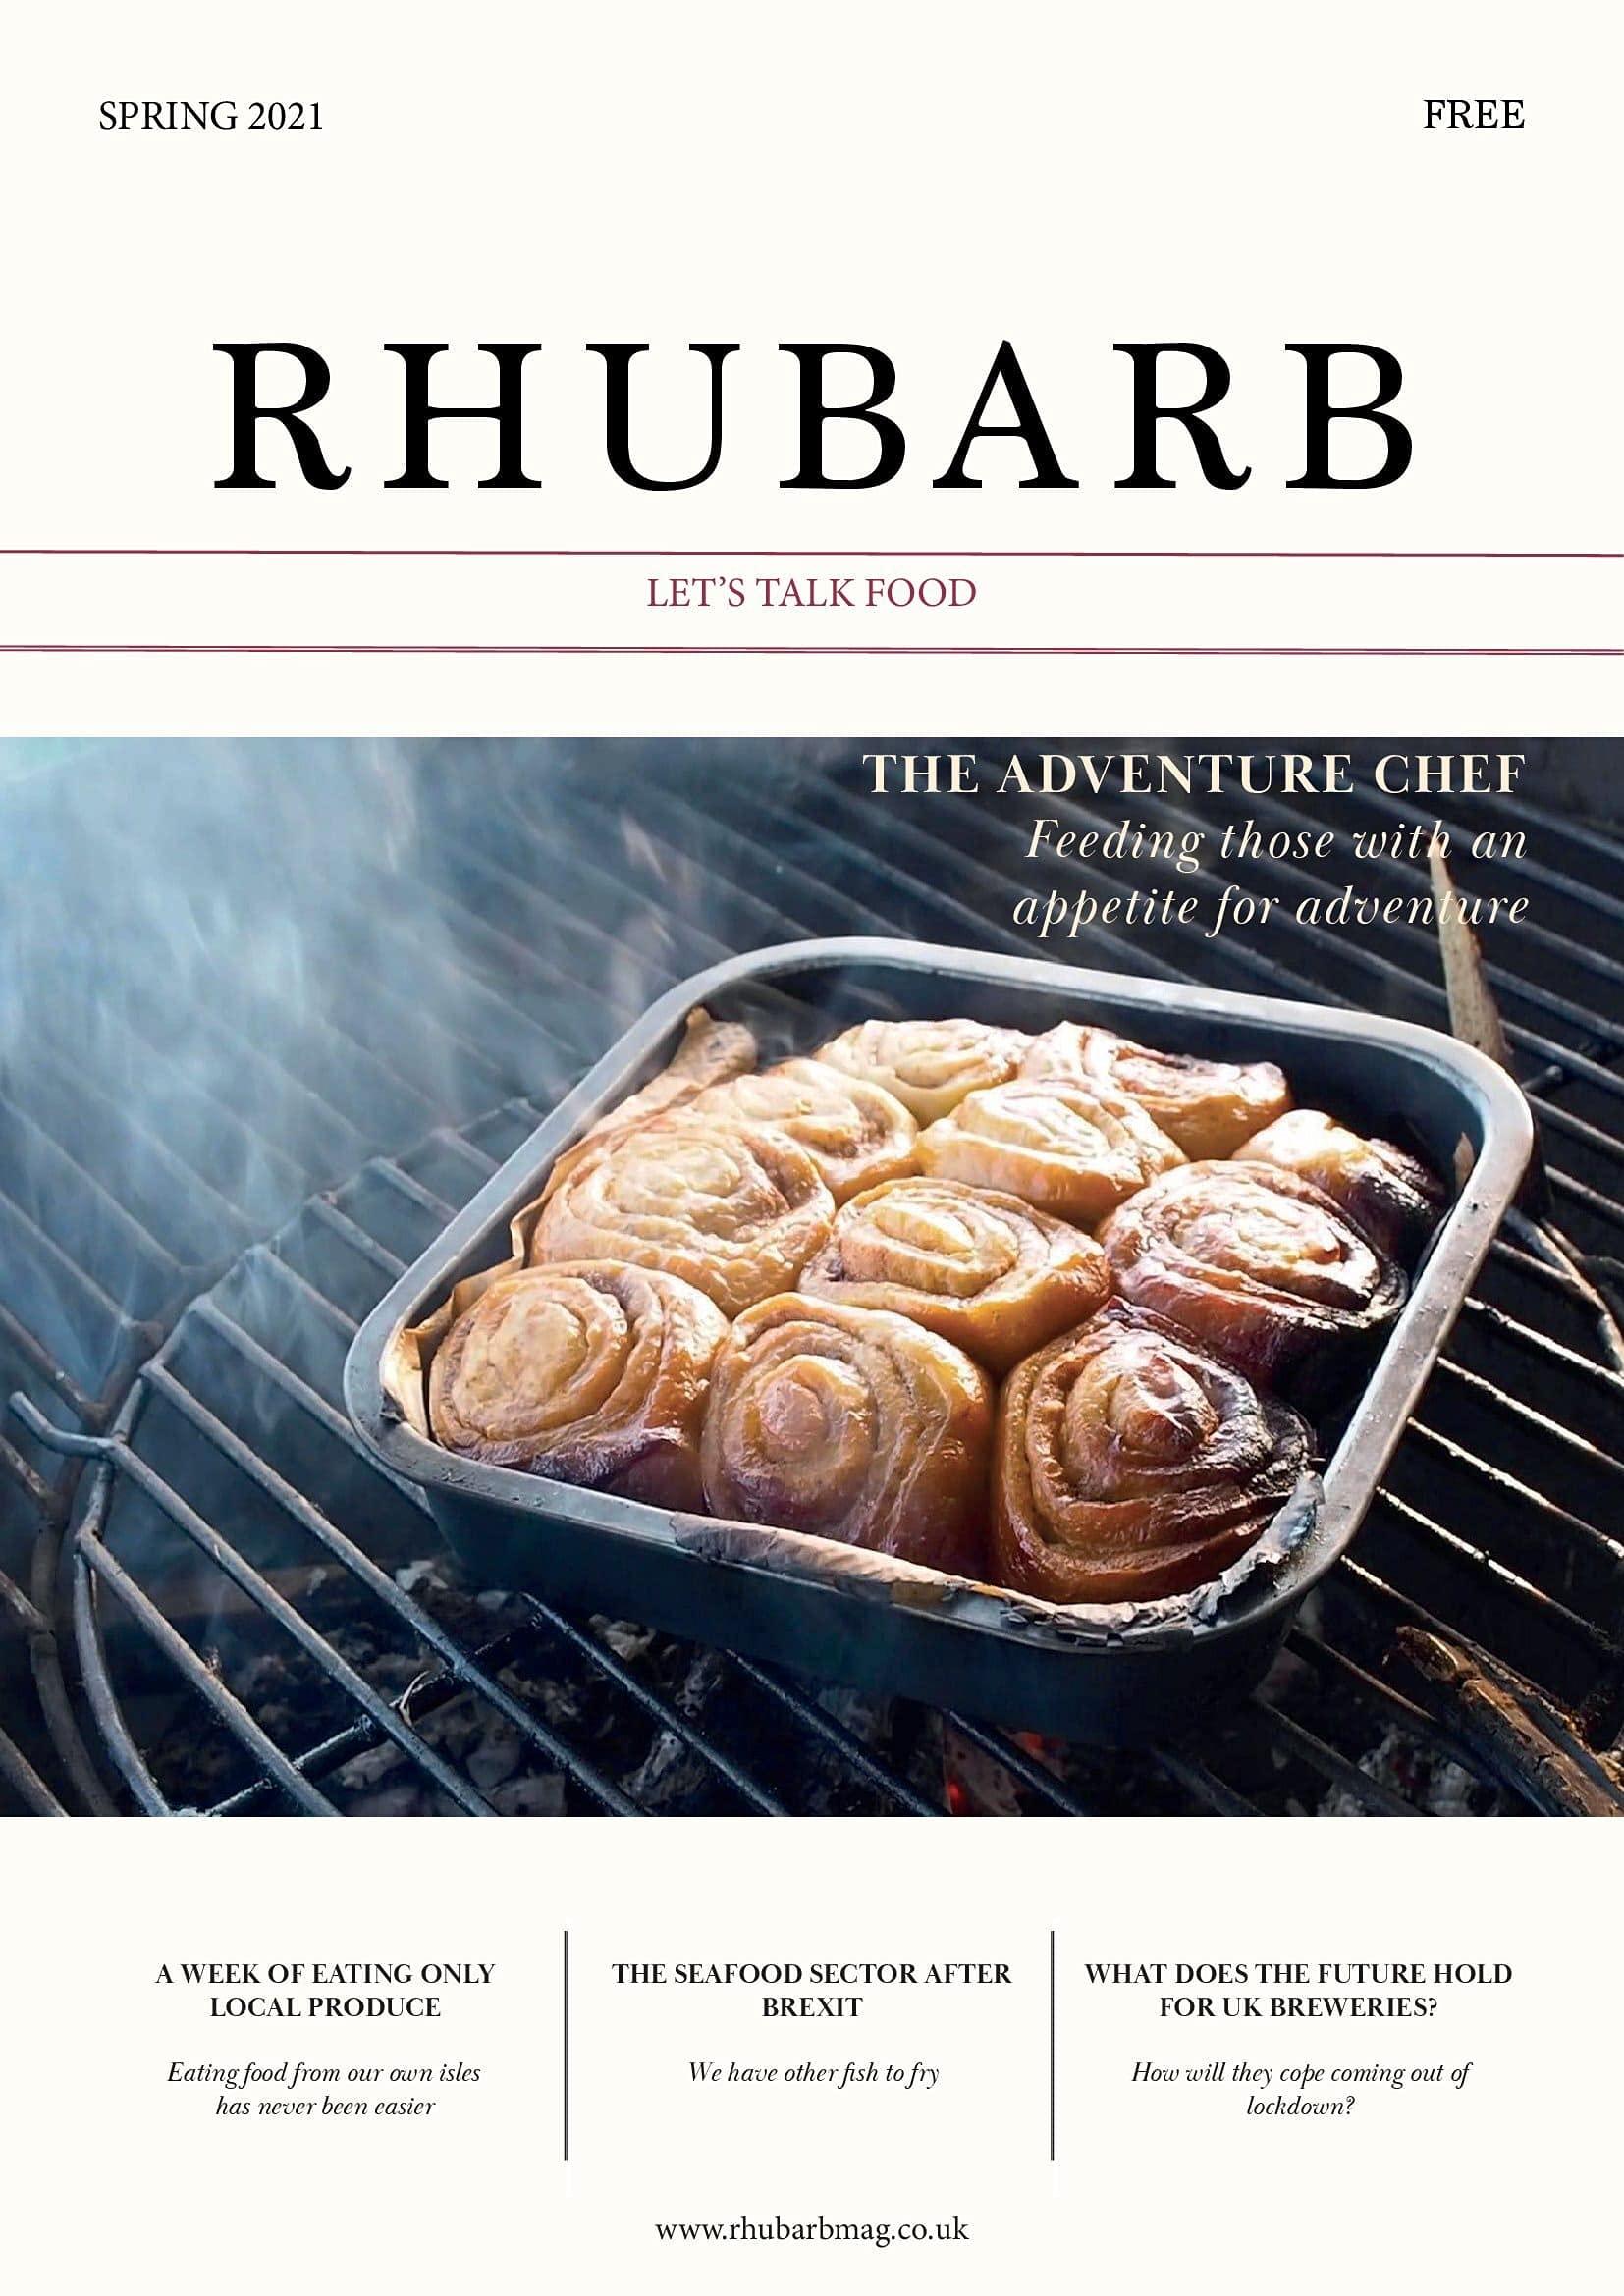 RHUBARB: Let's Talk Food